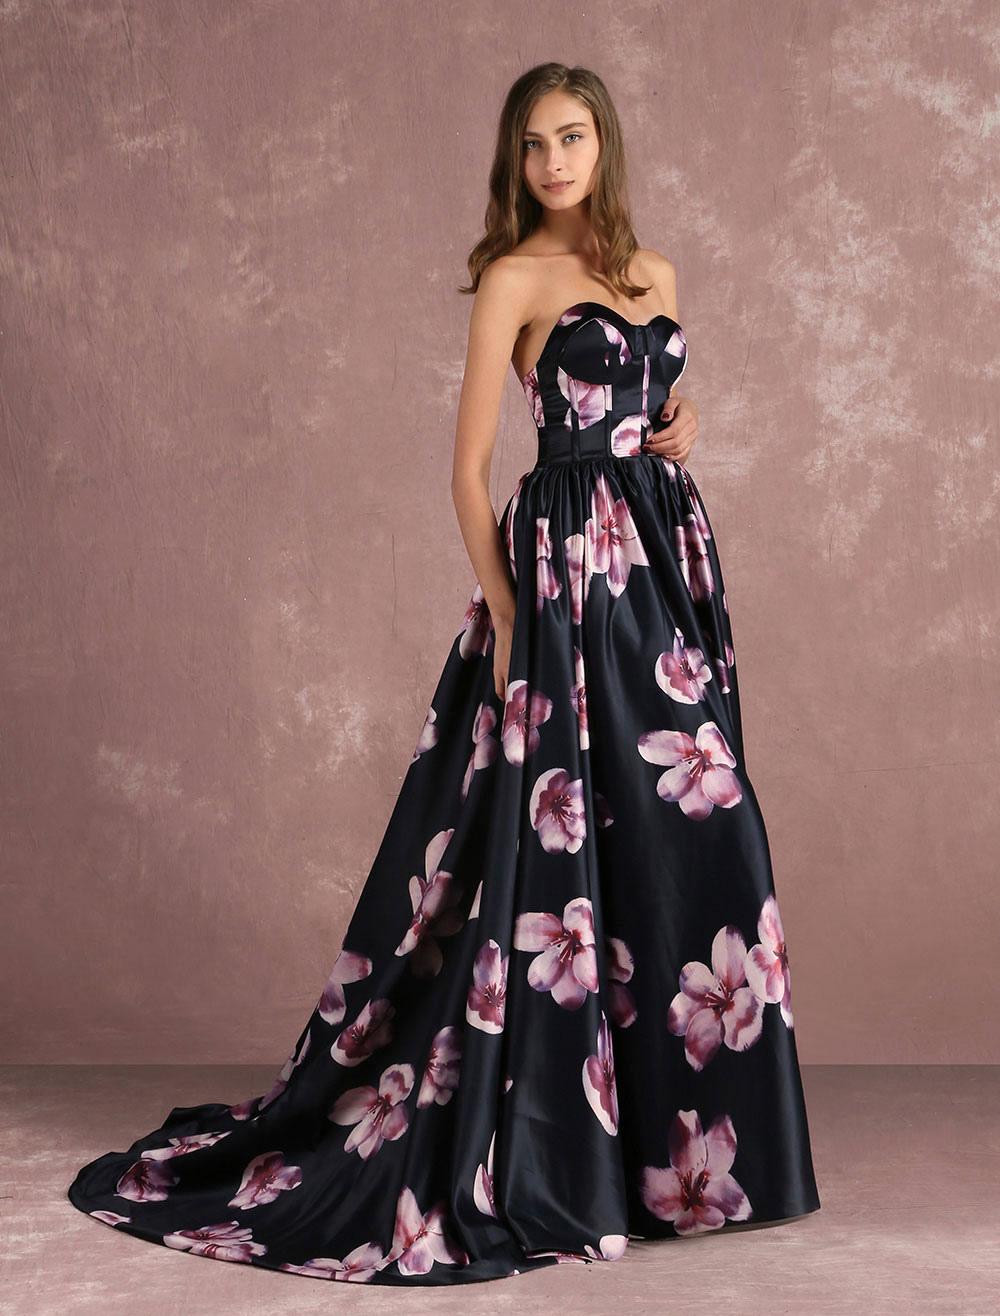 Floral Festzug Kleid schwarz Sweetheart trägerloser Ausschnitt lange ...